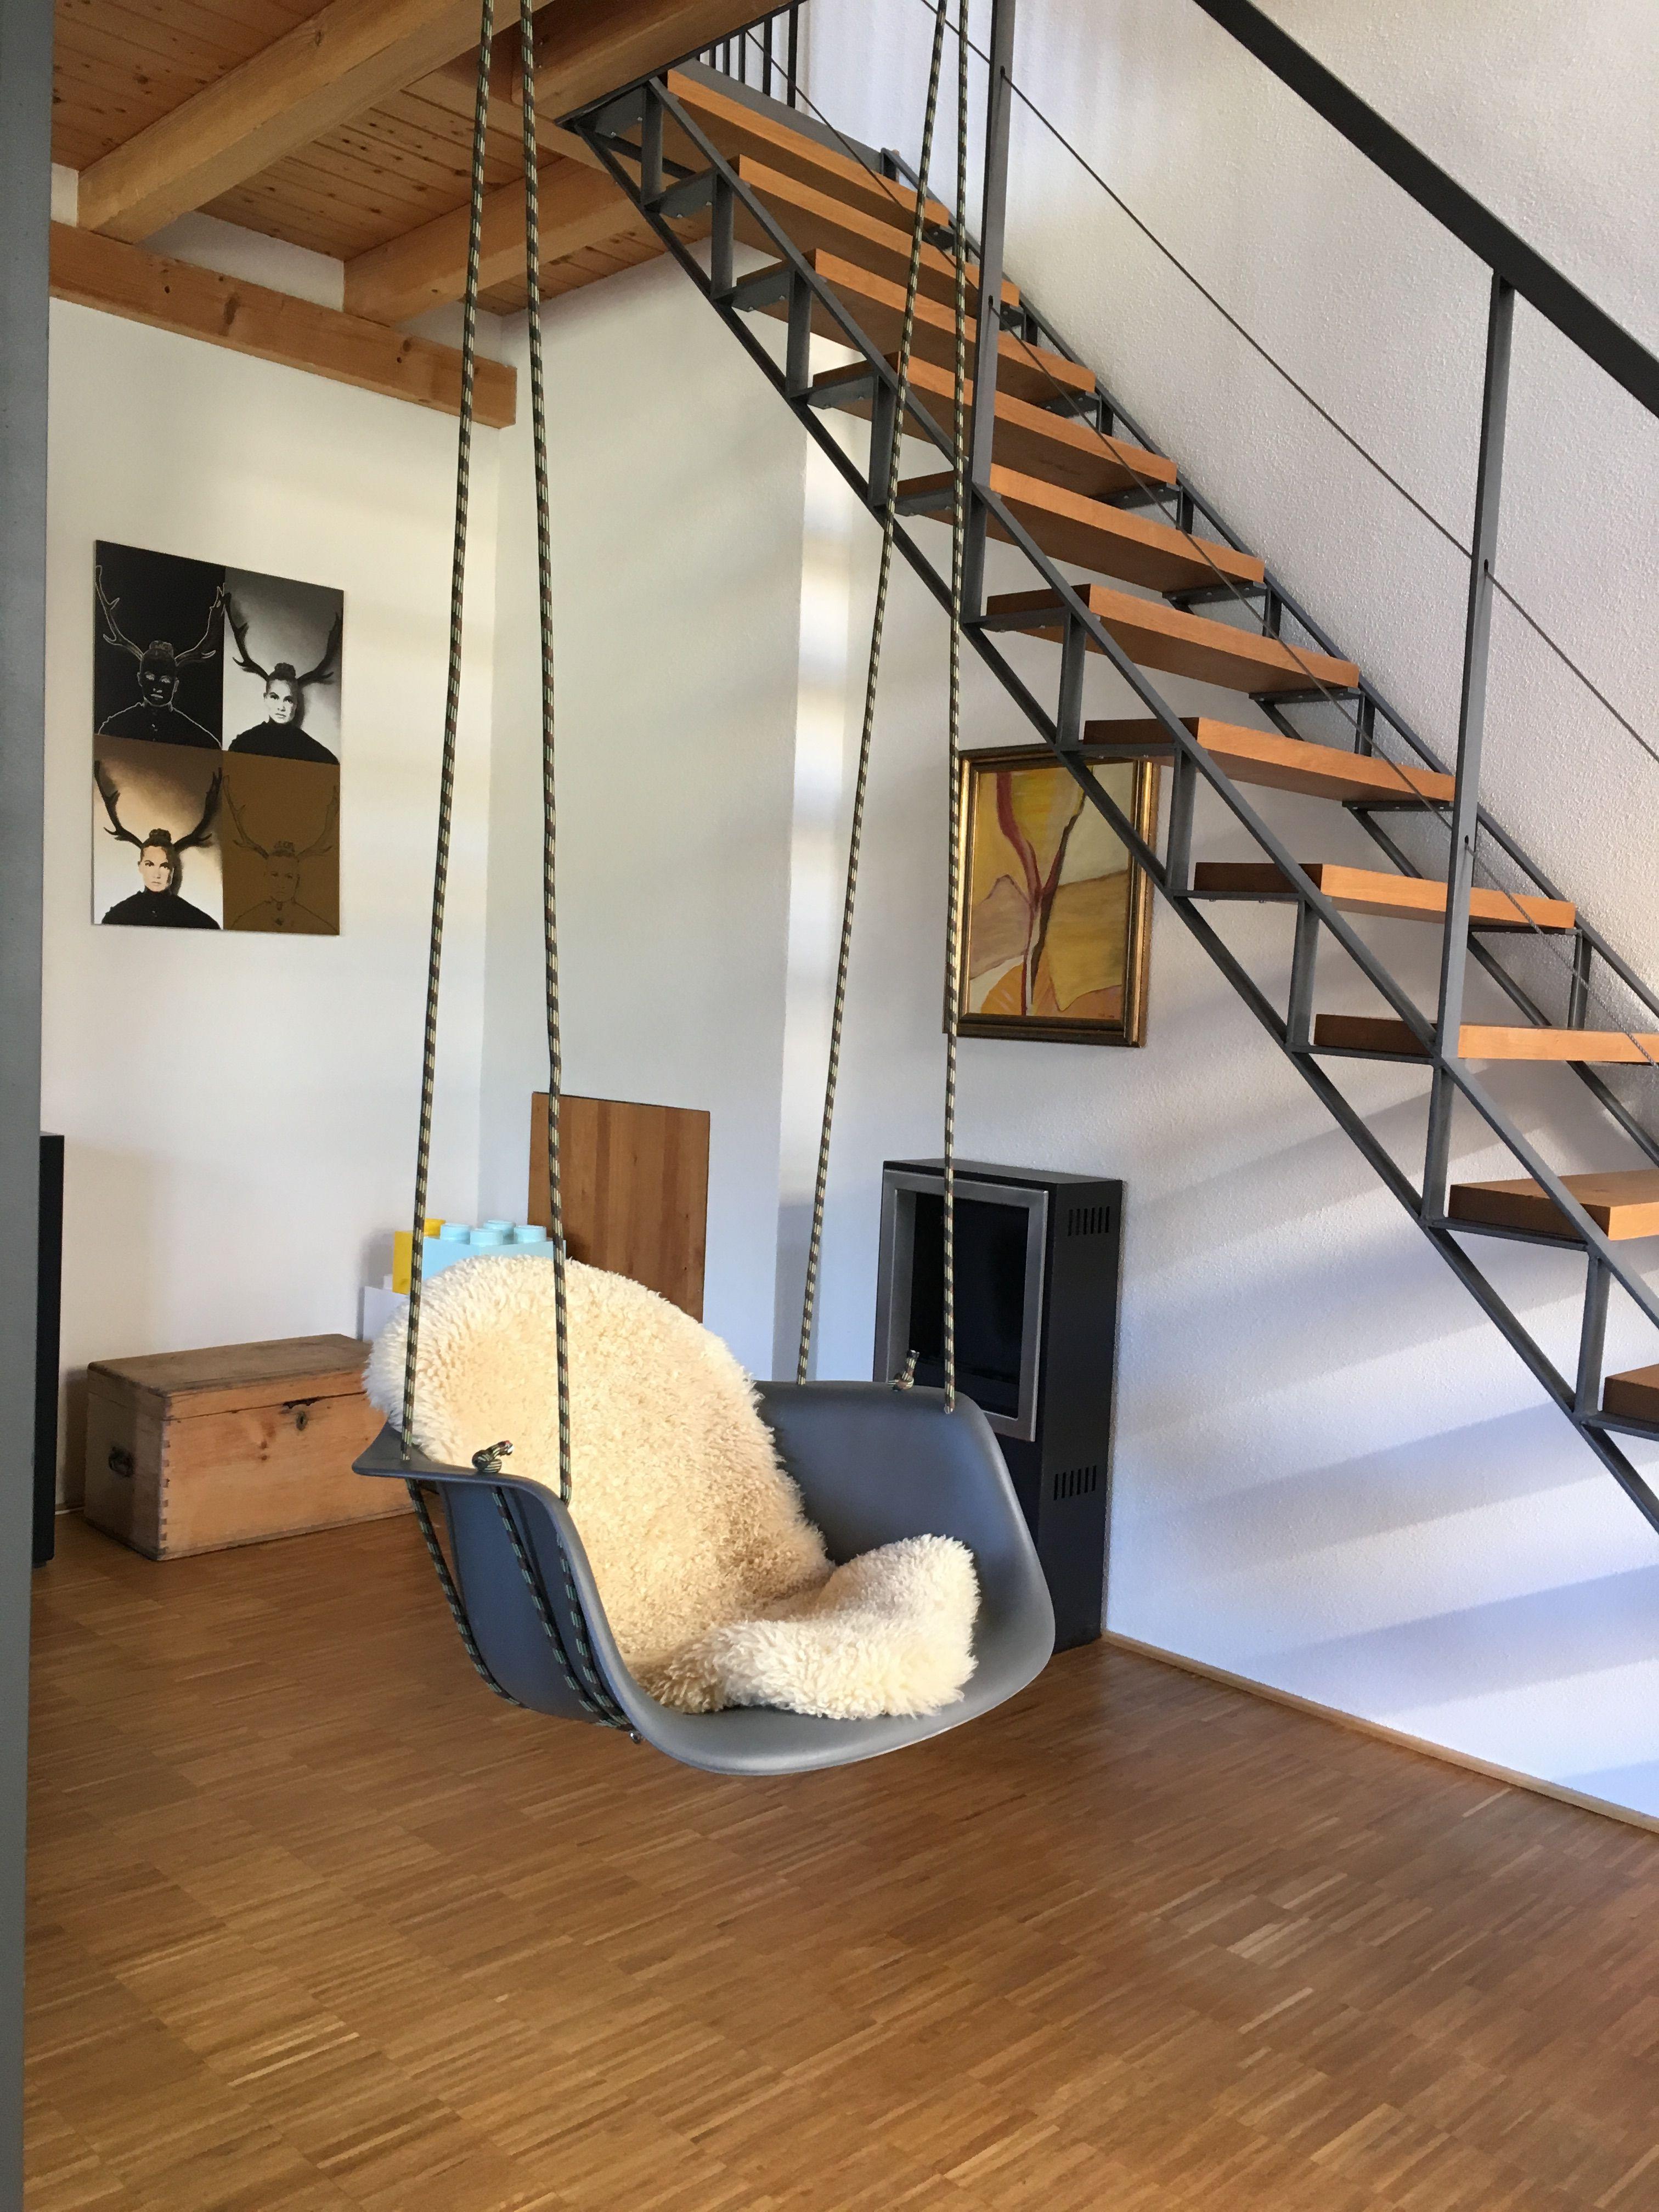 Schaukel Wohnzimmer ~ Eames schaukel gemütlich im wohnzimmer ideen rund ums haus